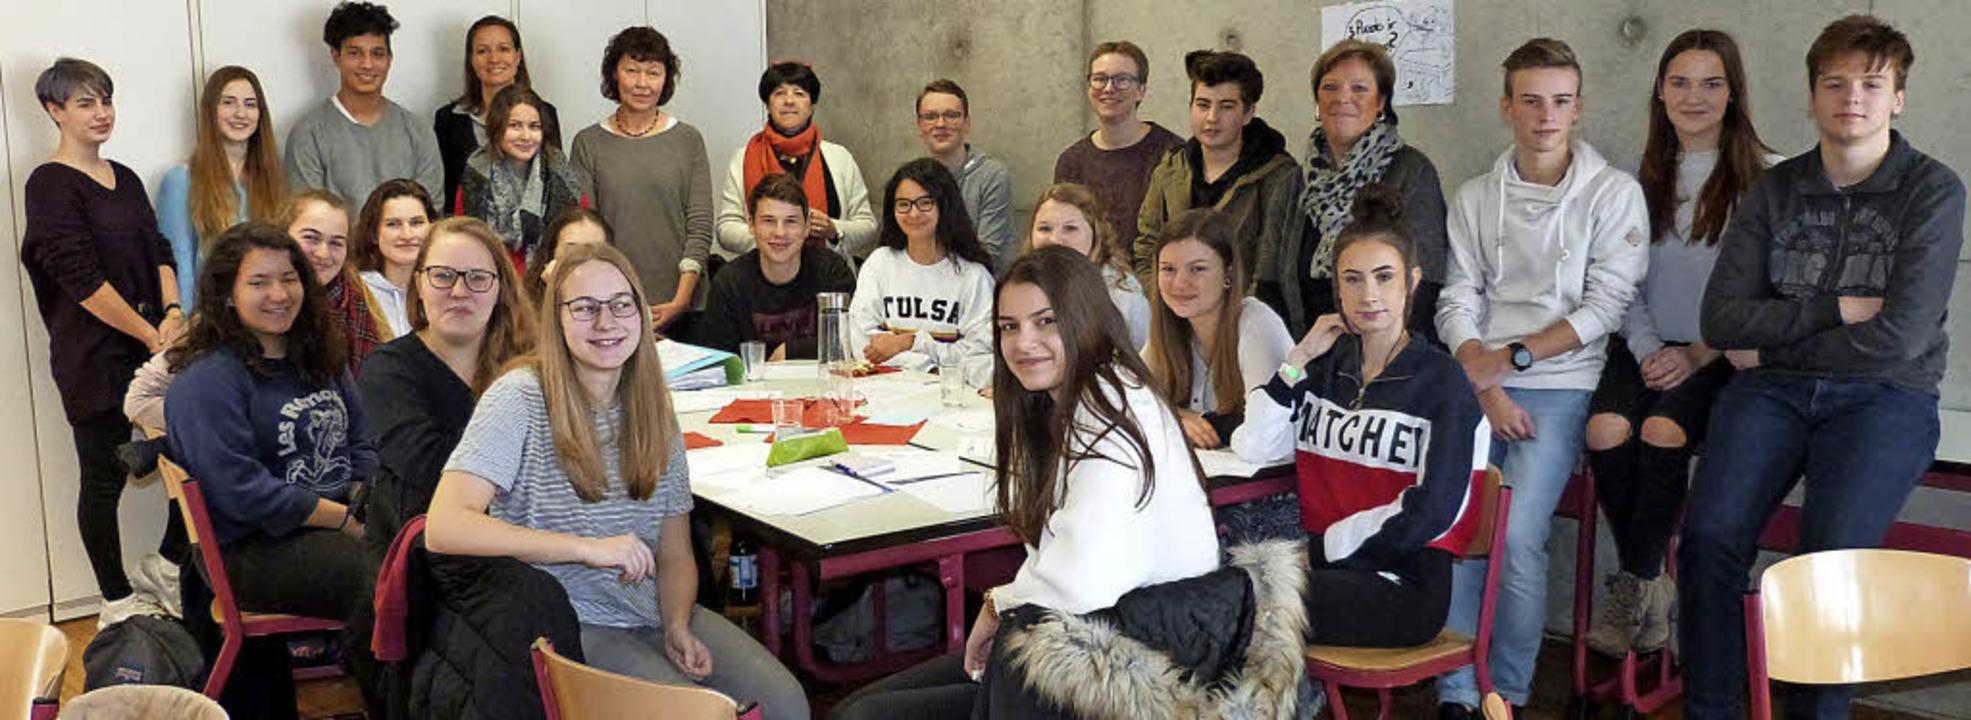 Die Schüler zusammen mit der Landtagsa... Sabine Wölfle (hinten, 4. von rechts)  | Foto: Elias Kunzweiler